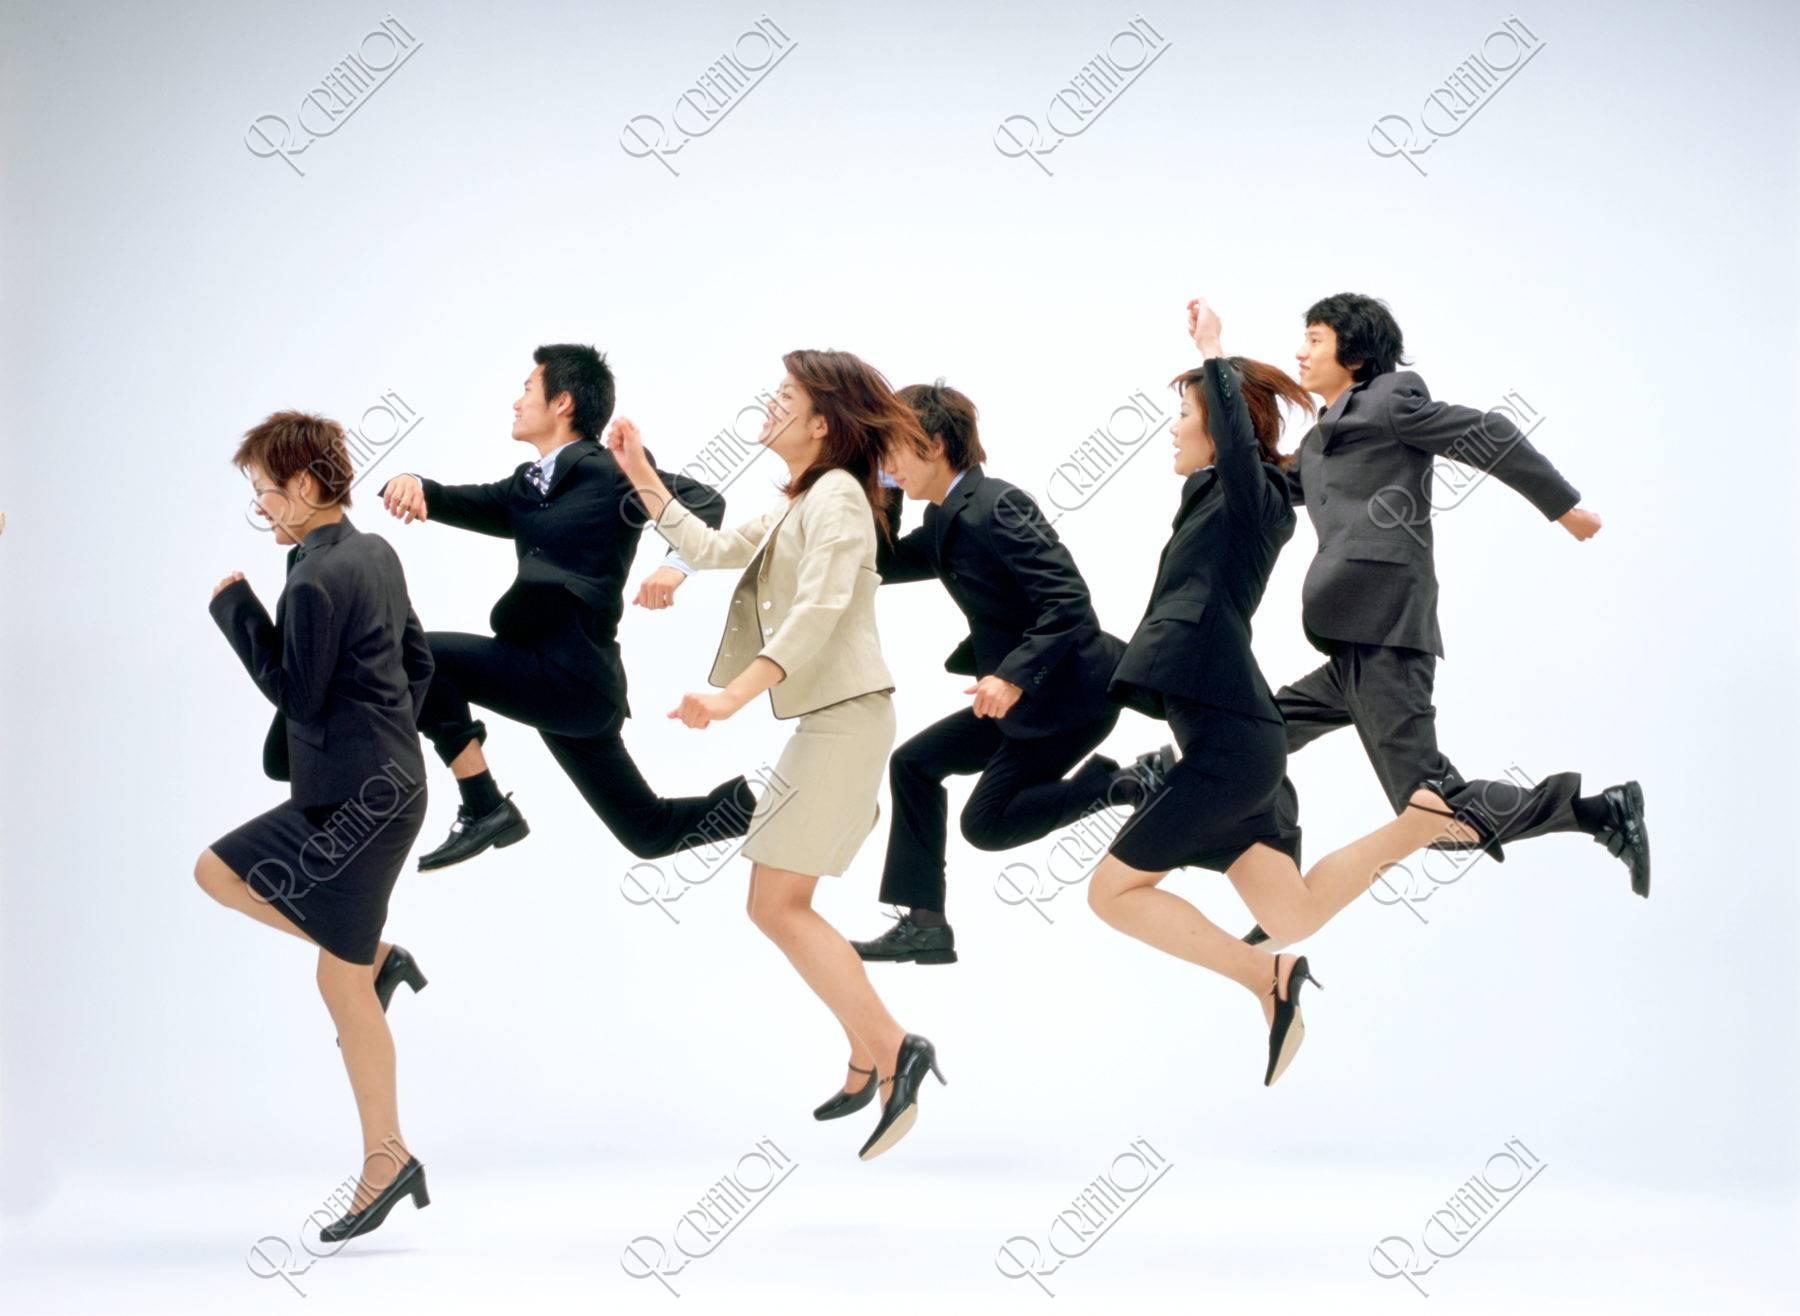 ジャンプするビジネスの若者達